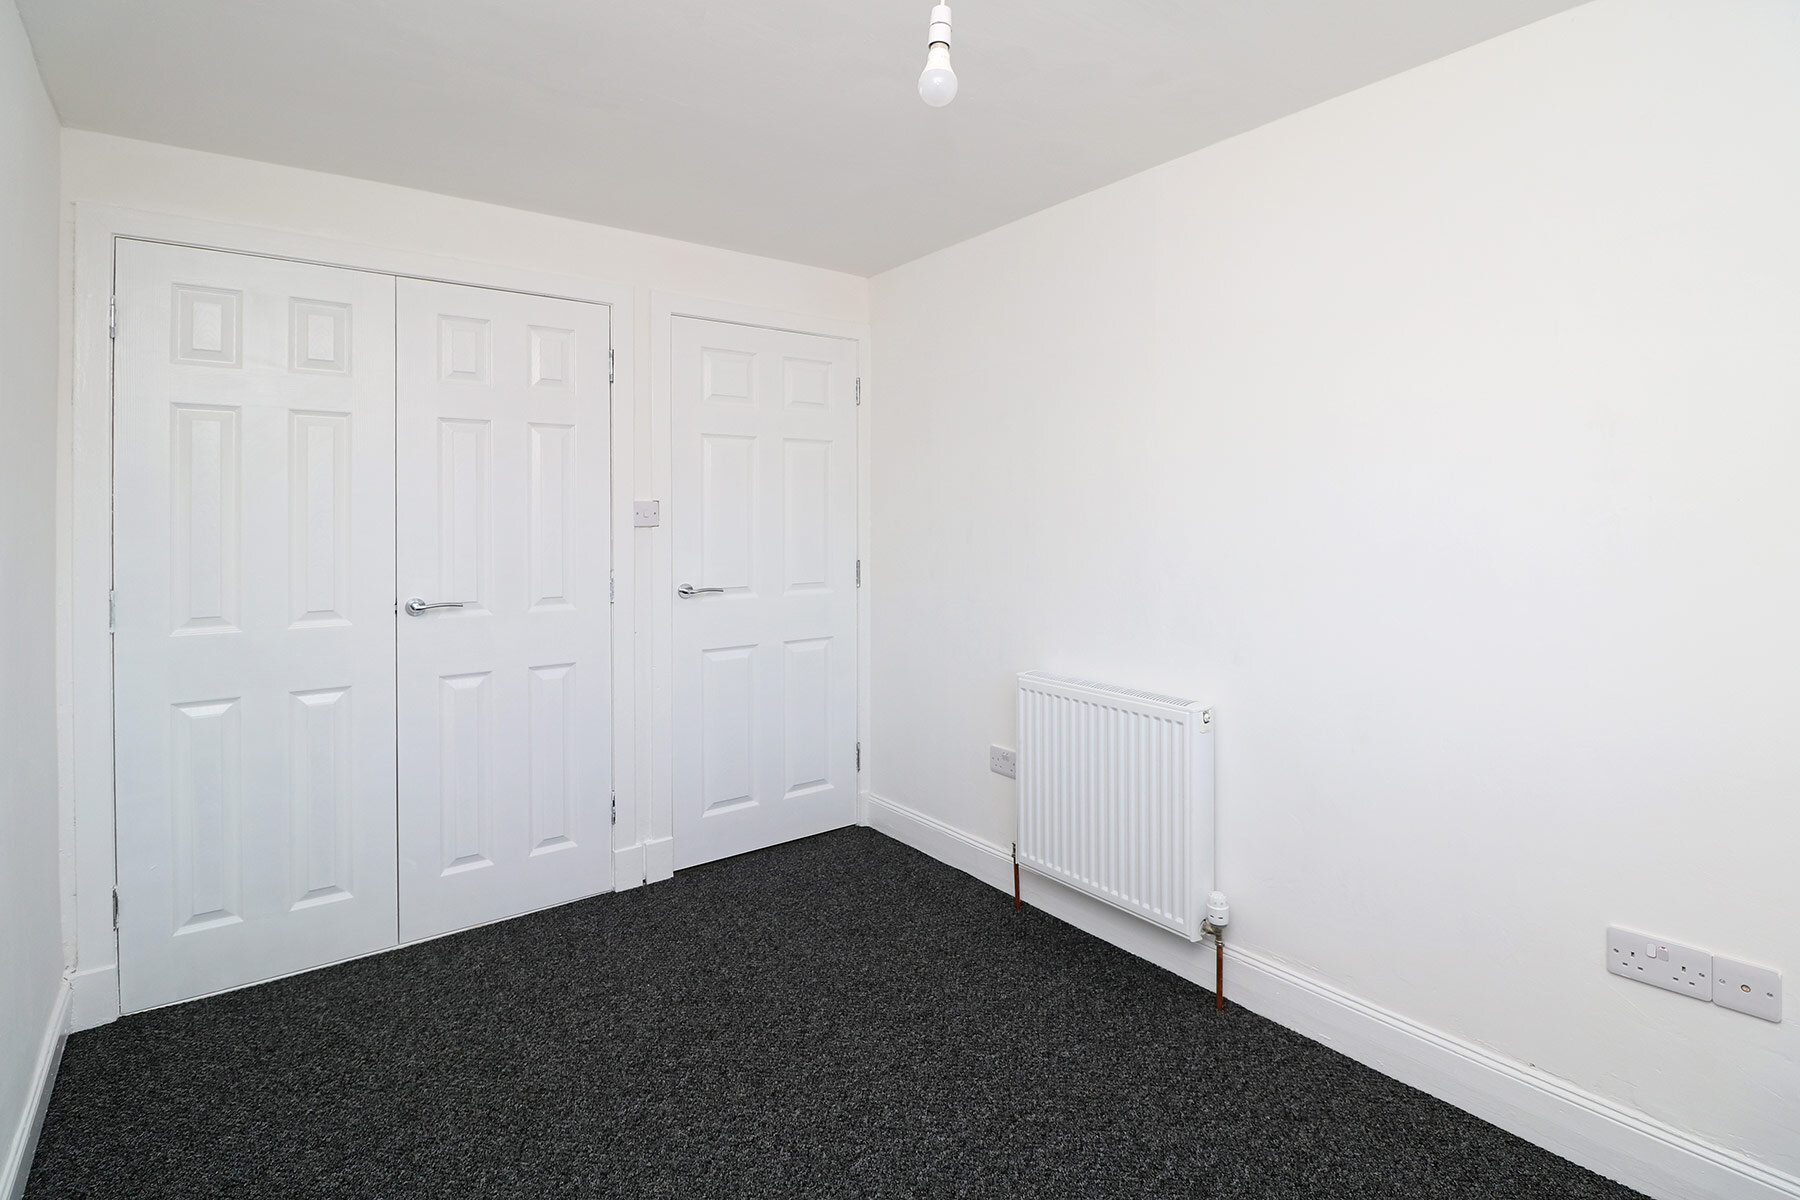 provost-road-after-bedroom-2.1.jpg